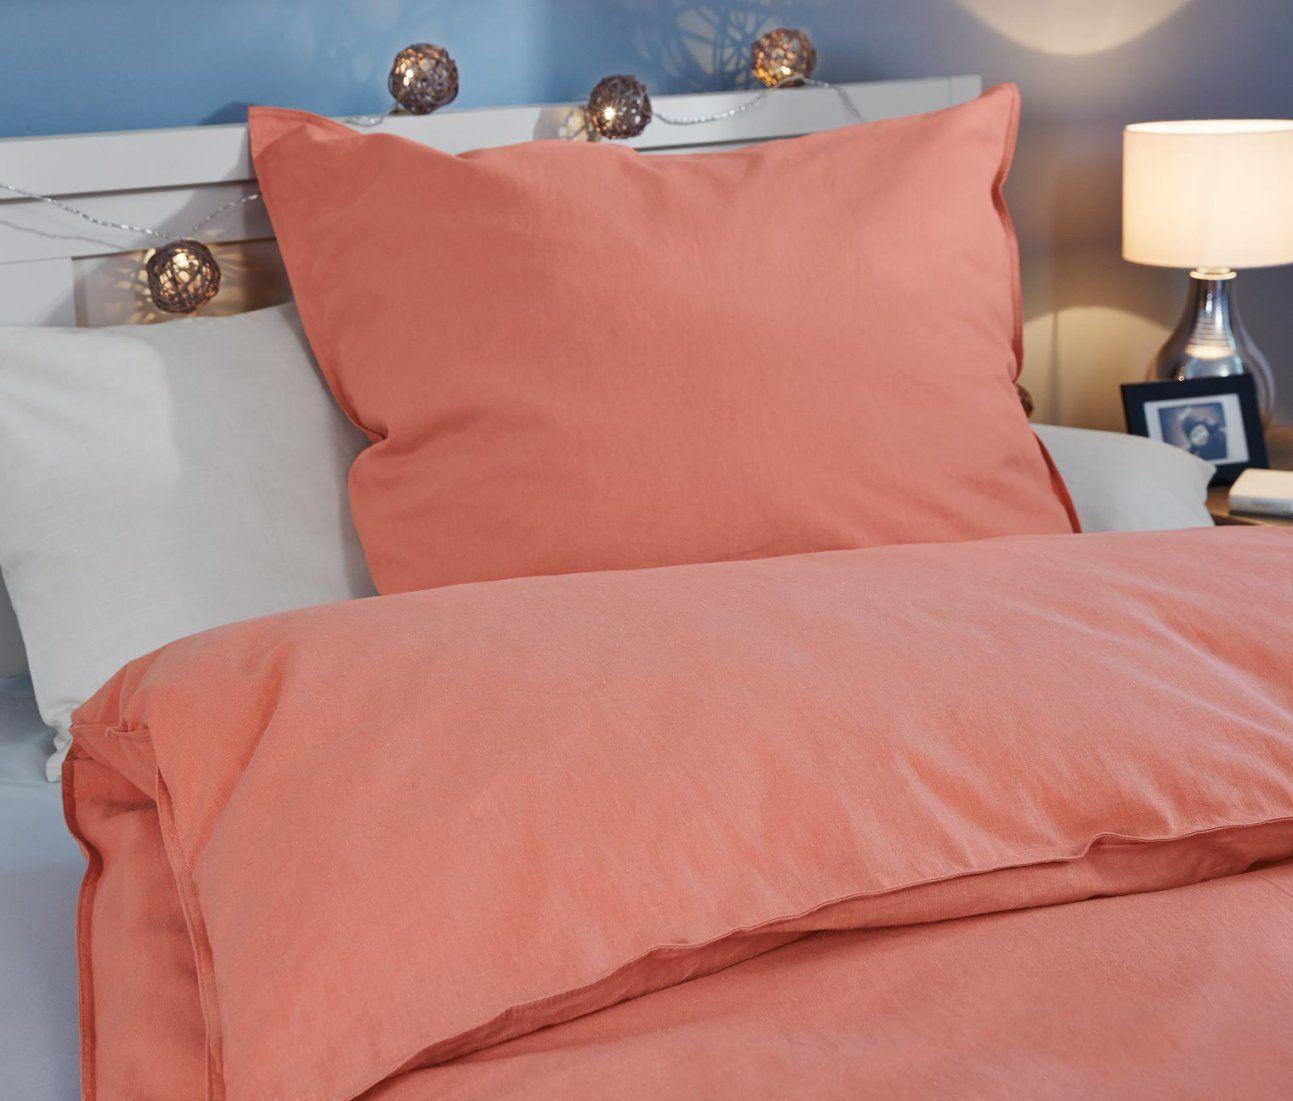 Bettwäsche Normalgröße Online Bestellen Bei Tchibo 314416 von Bettwäsche Normale Maße Bild